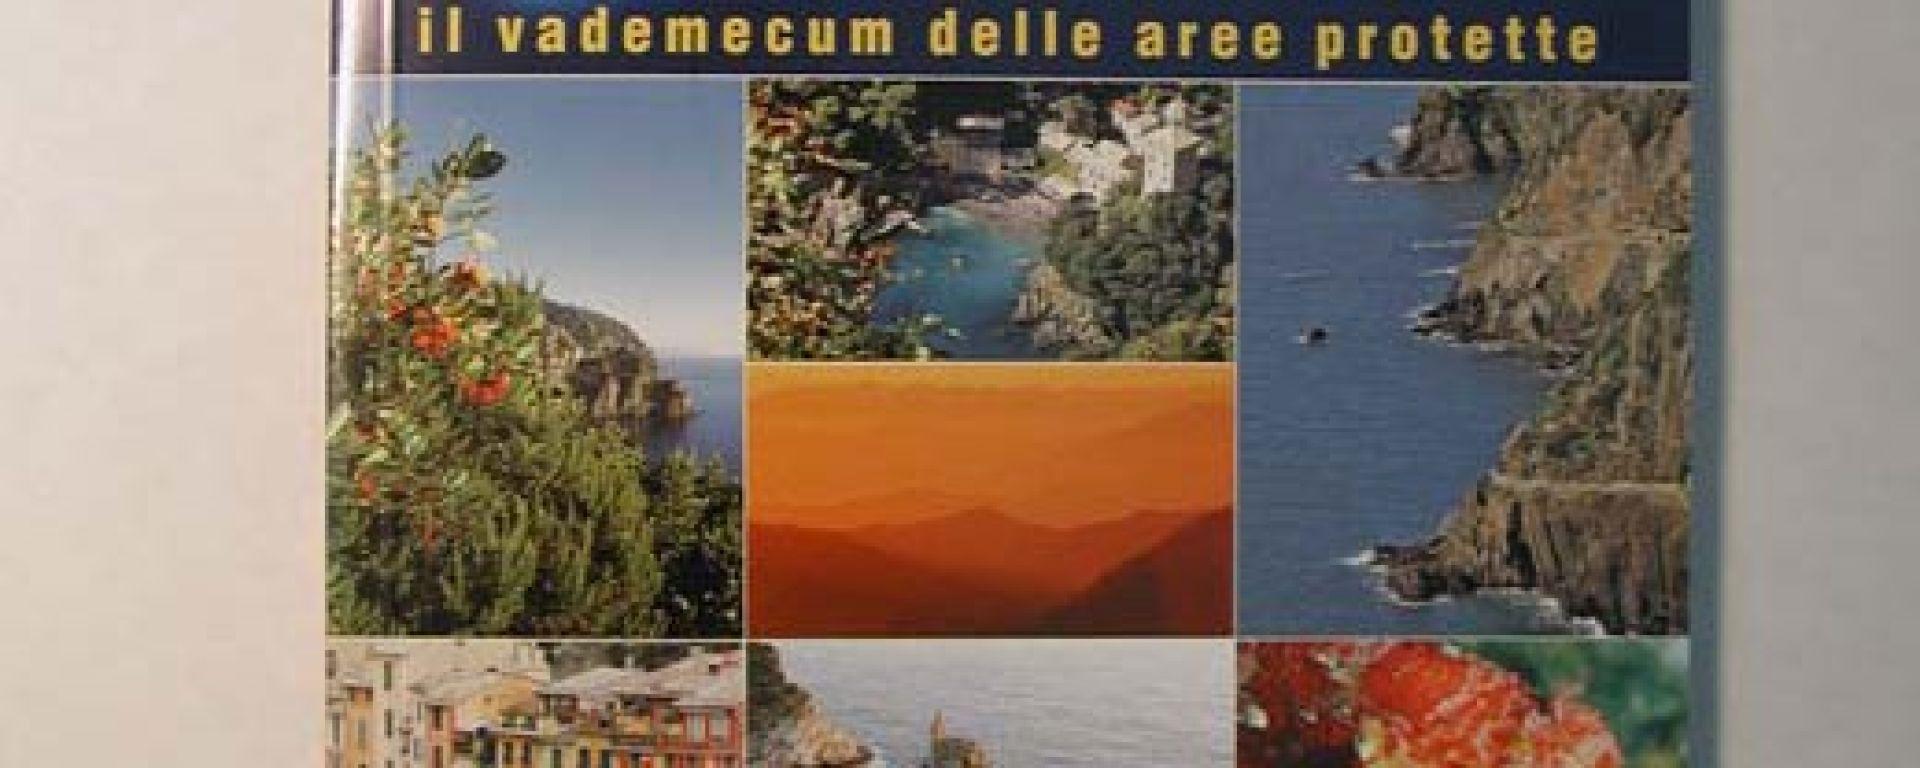 PEUGEOT: una guida per la Liguria